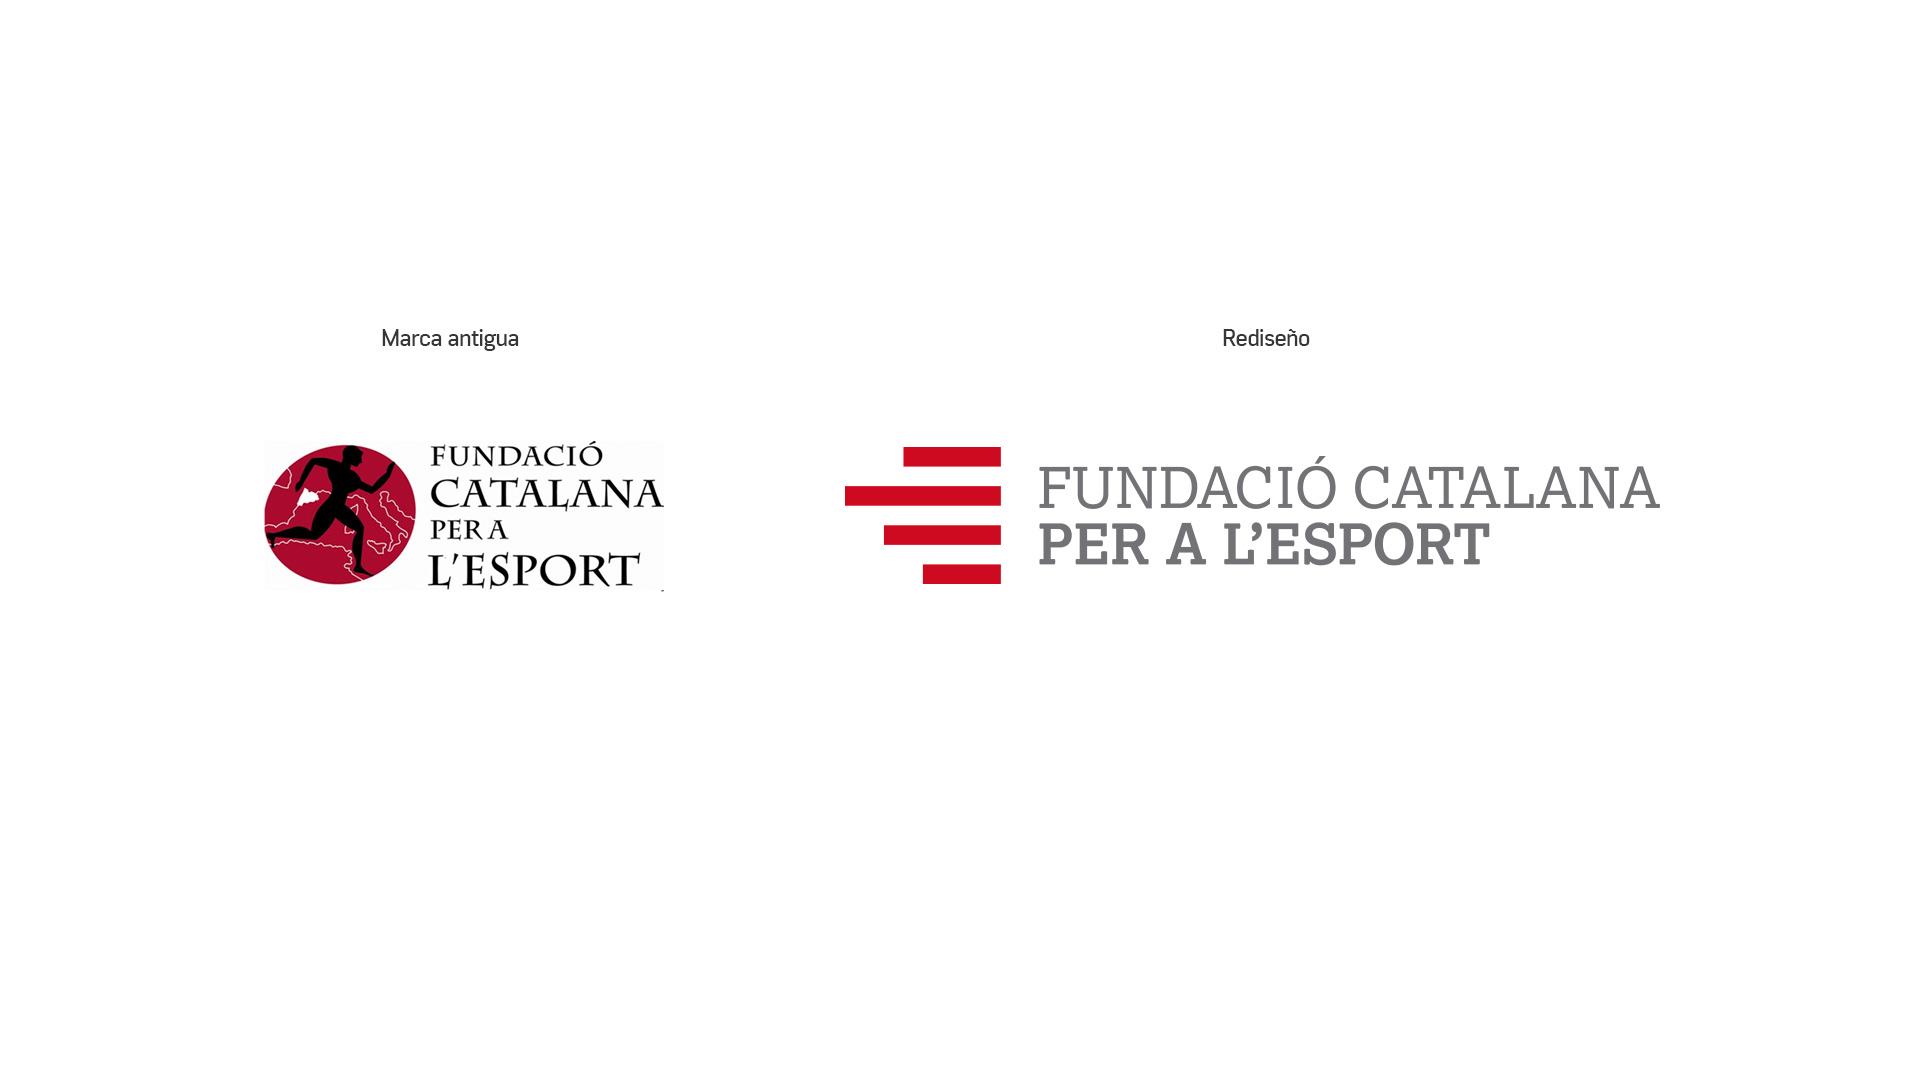 Diseño Marca Identidad corporativa Fundació Catalana per a l'Esport - Comparativa rediseño